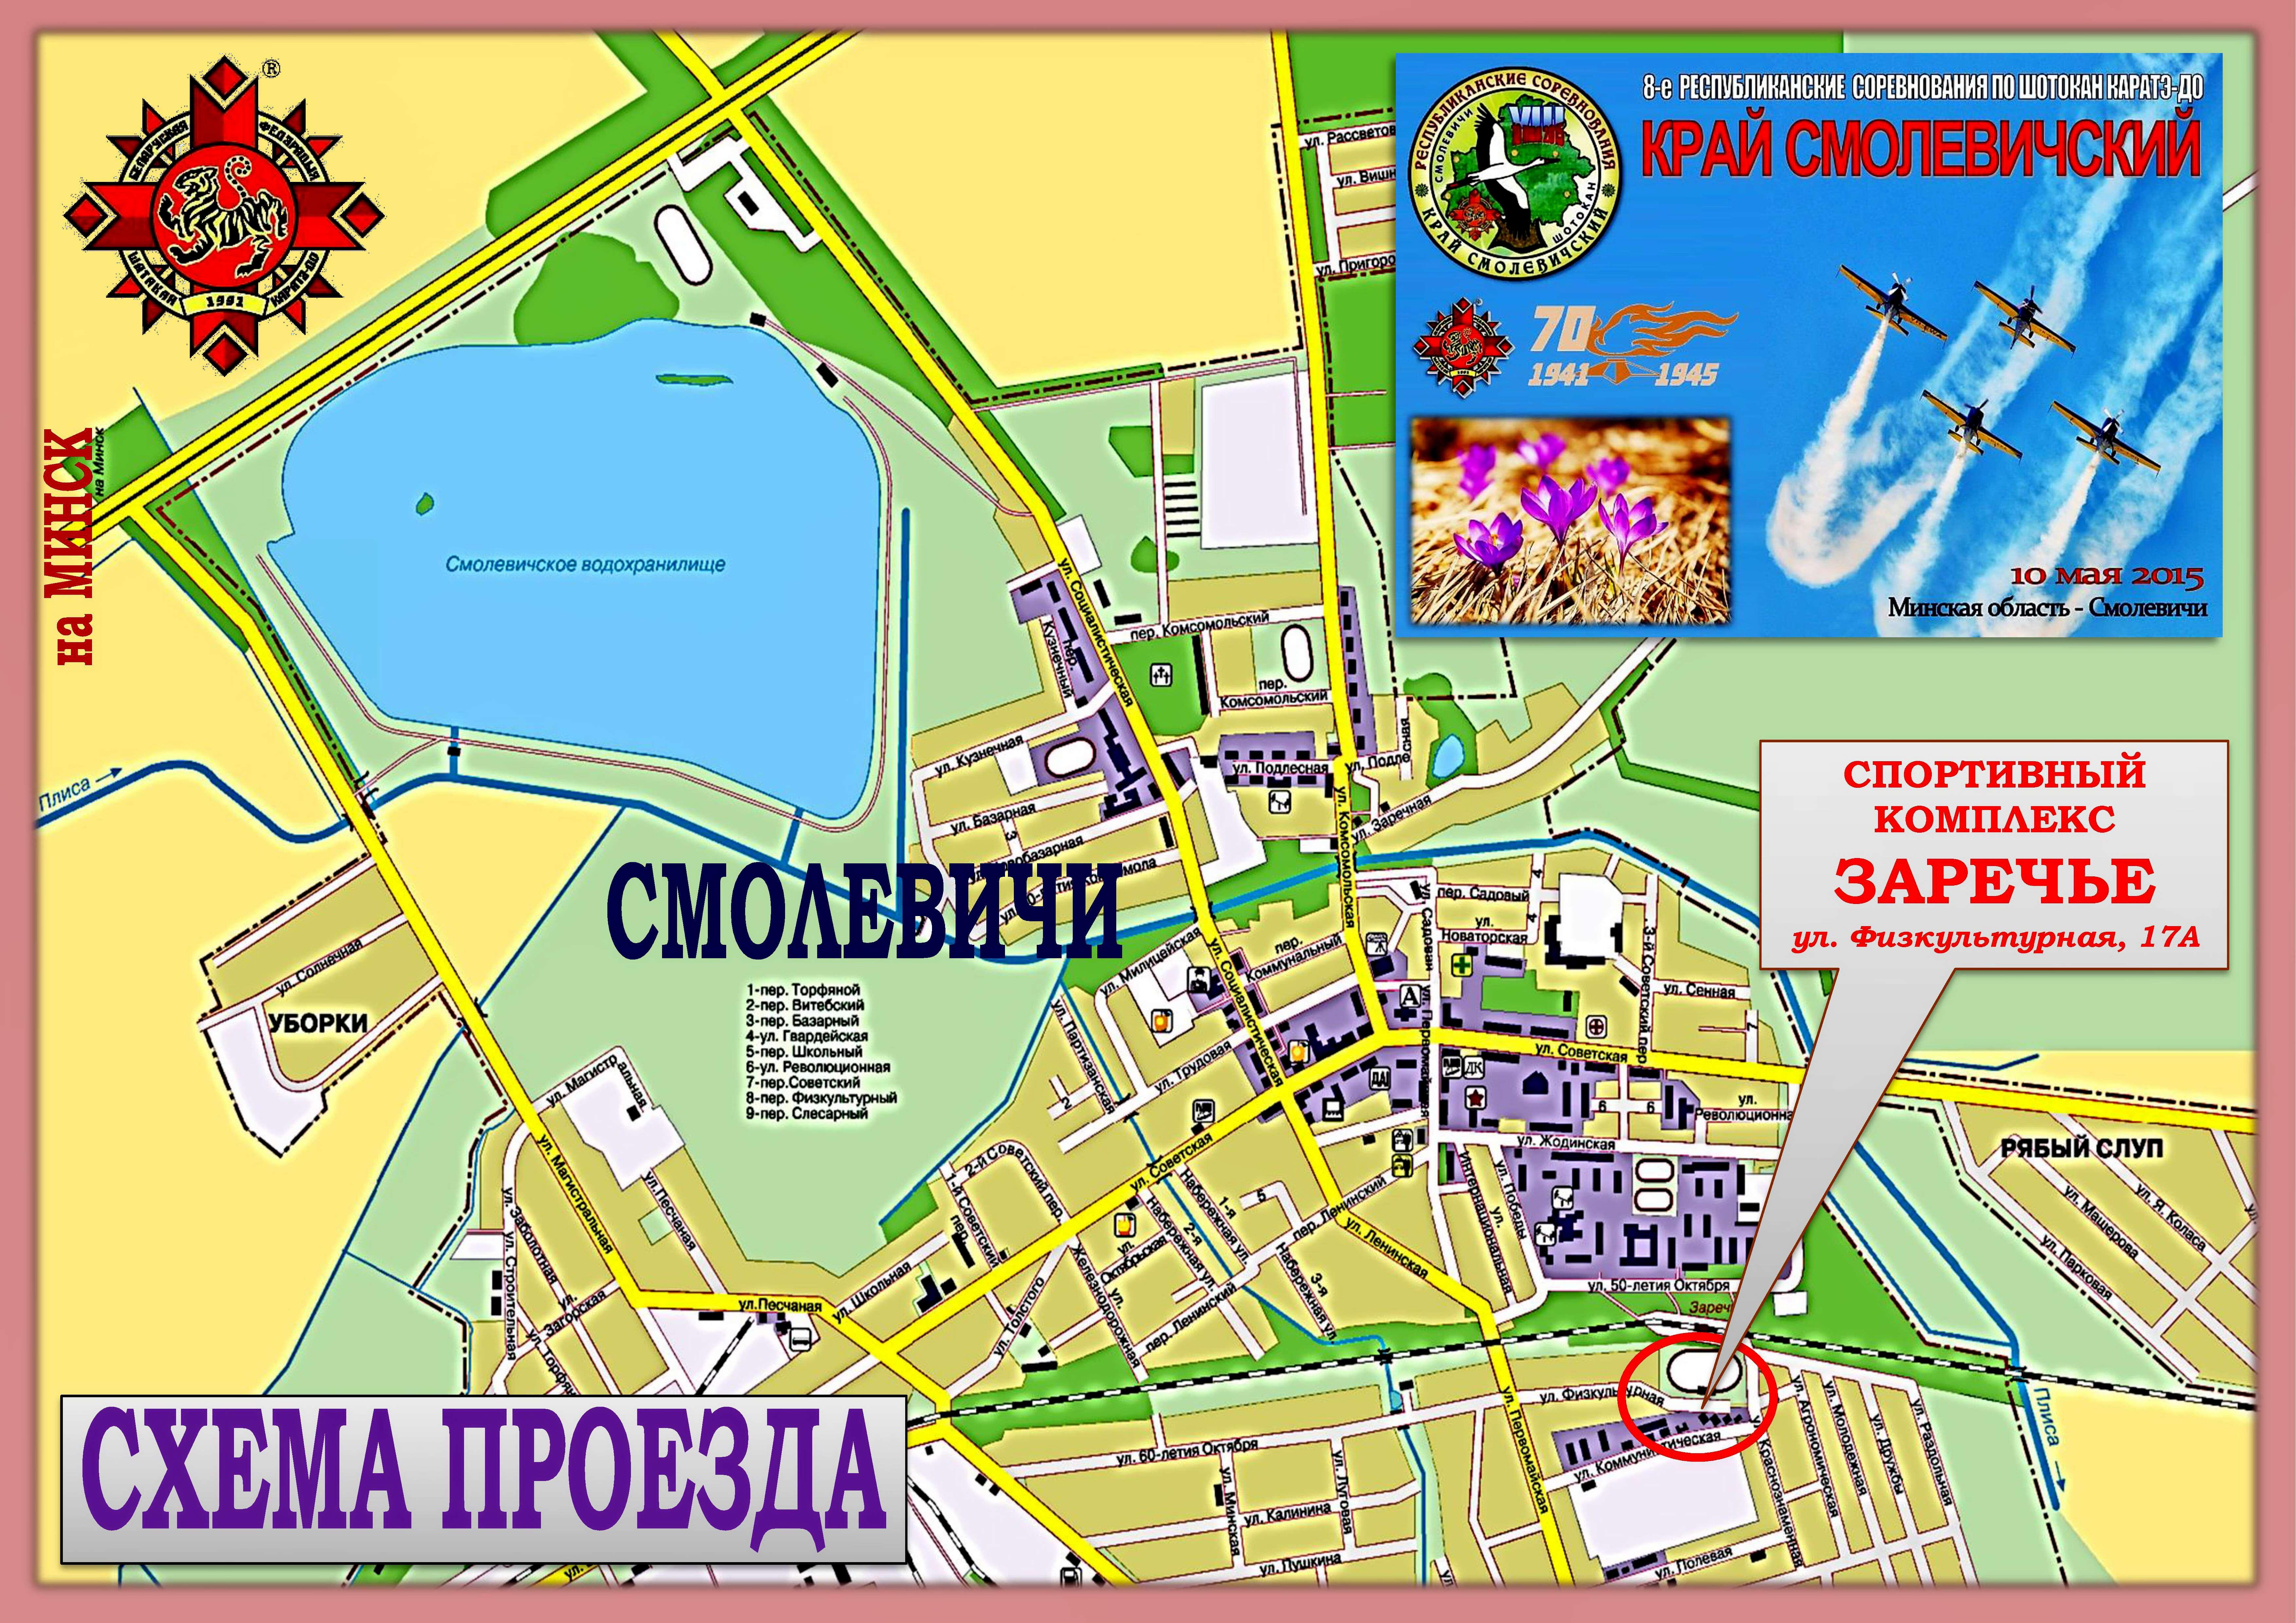 Смолевичи-2015 Схема проезда